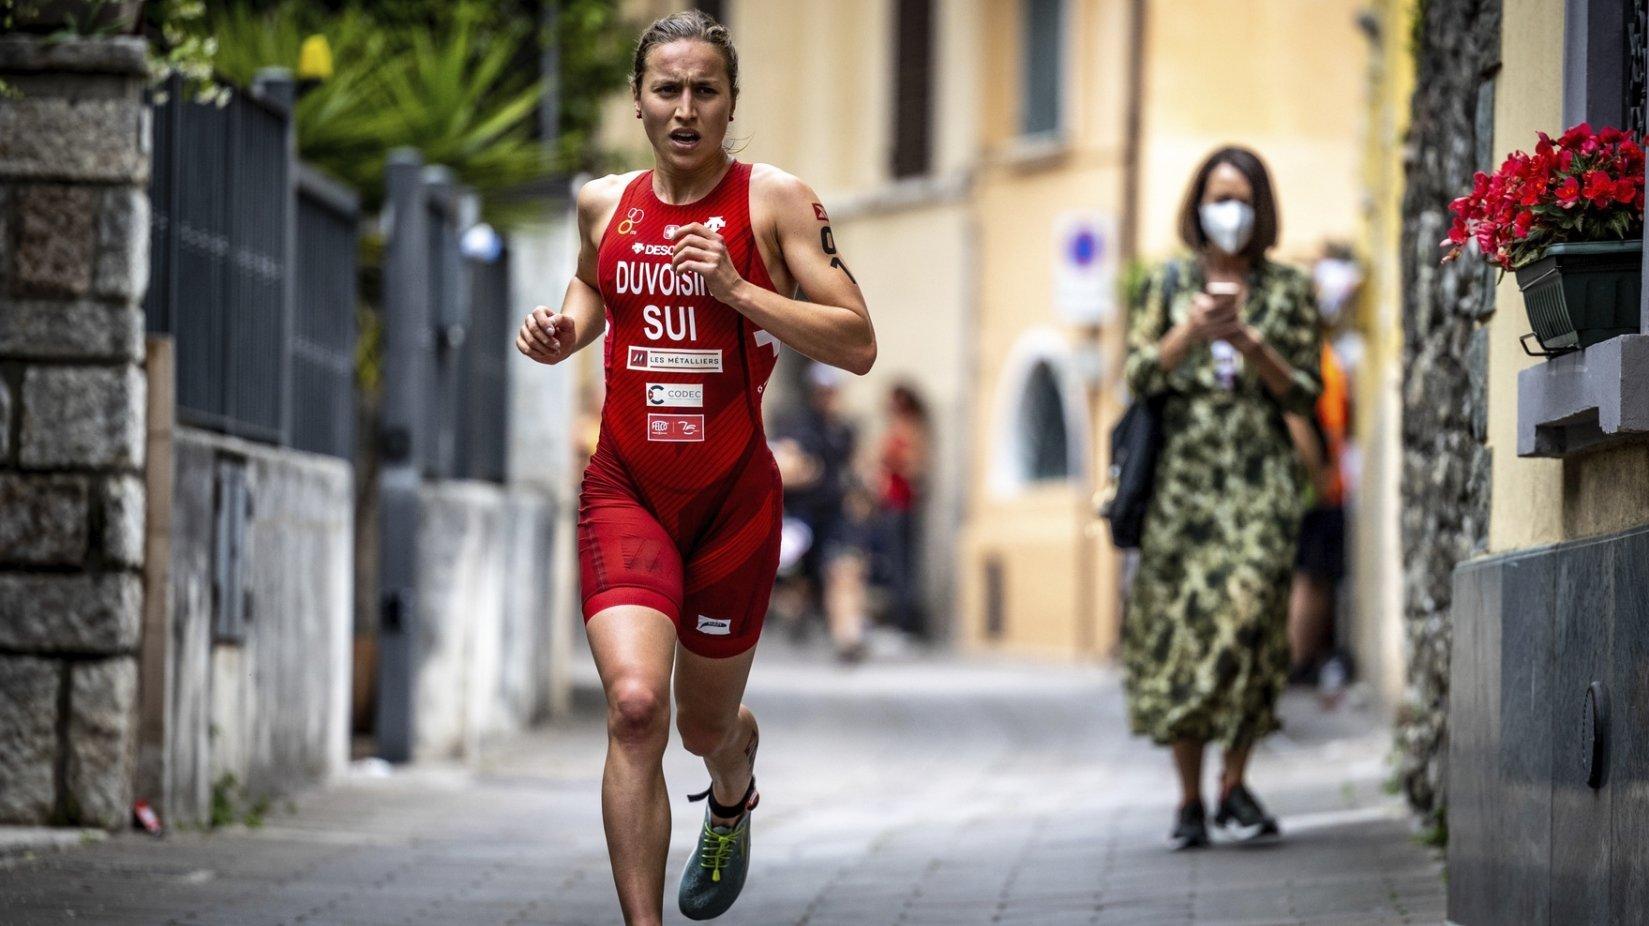 Loanne Duvoisin triomphe en semi-ironman à Barcelone